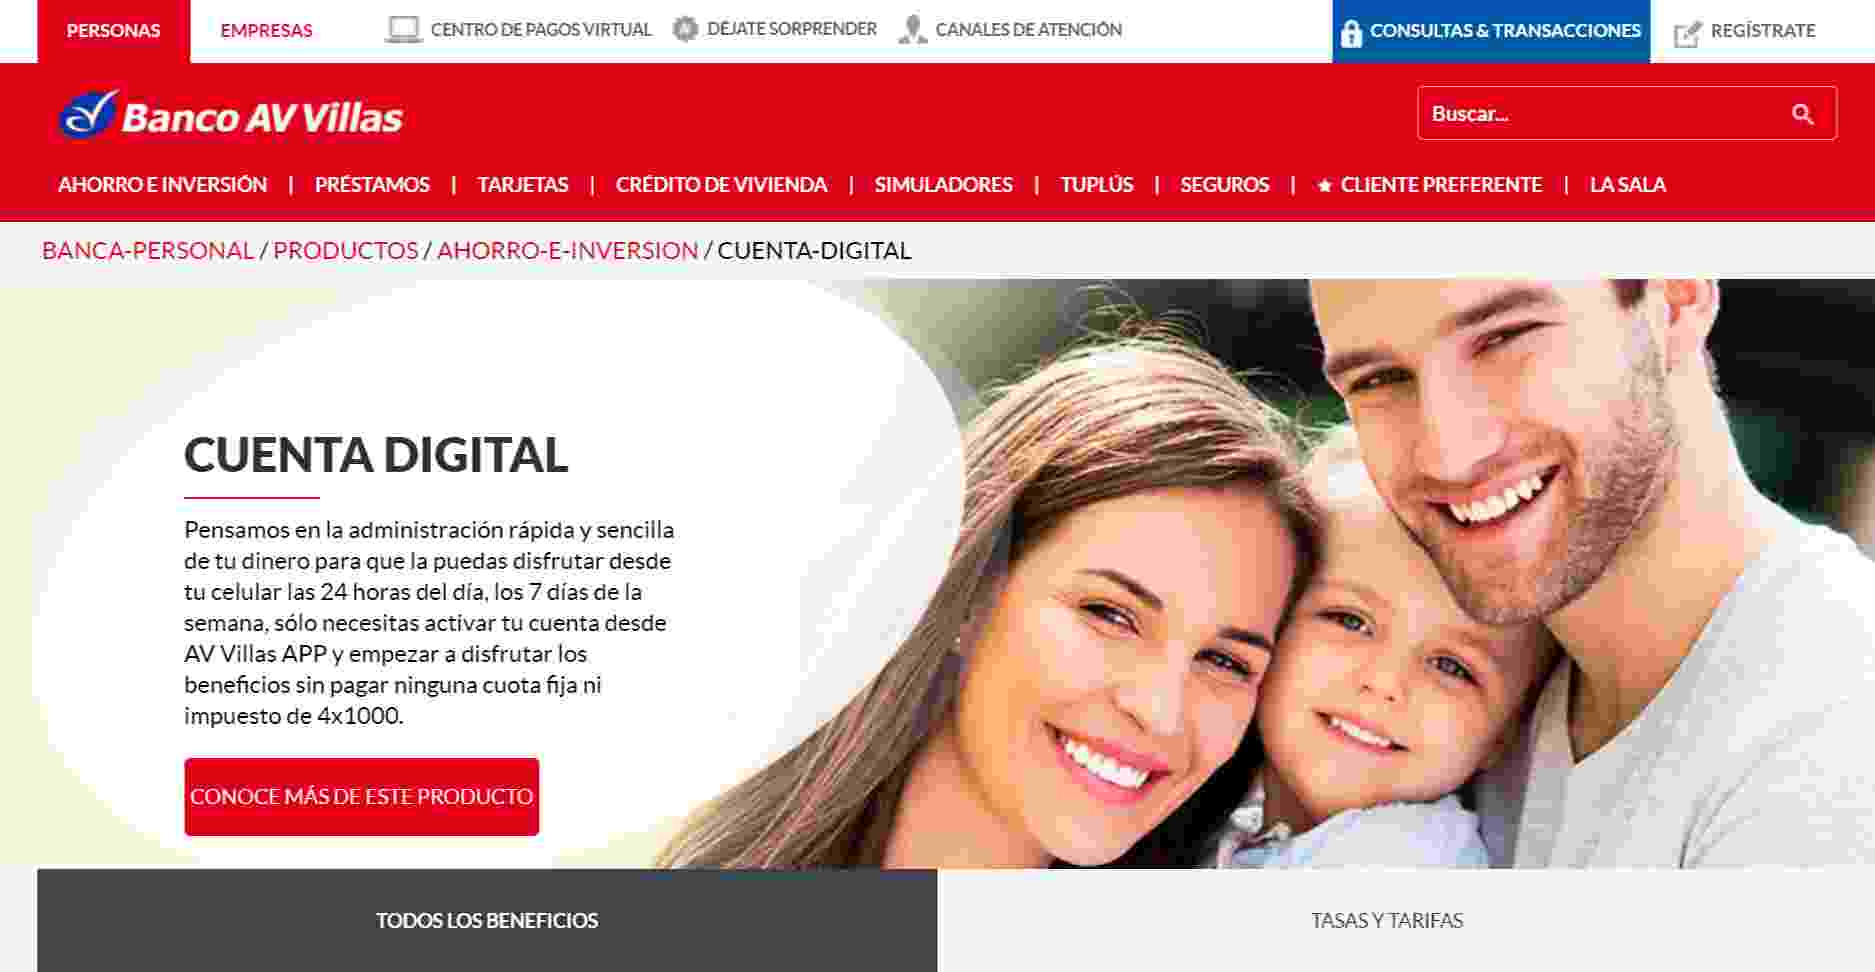 Ingreso Solidario: Saldo y cobro en AV Villas cuenta digital